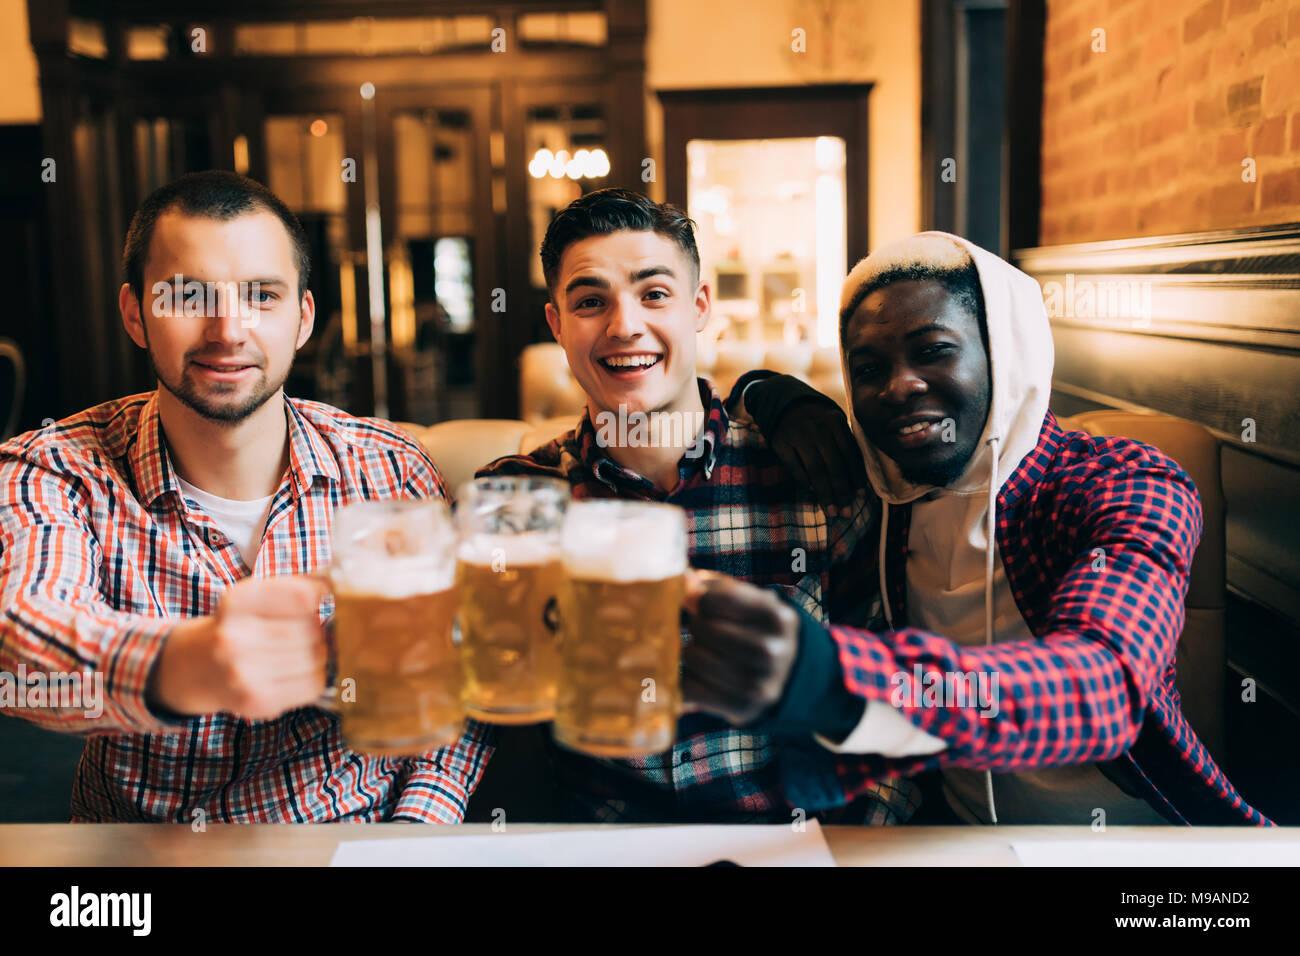 Feliz amigos varones bebiendo cerveza y vasos tintineo en el bar o pub Imagen De Stock